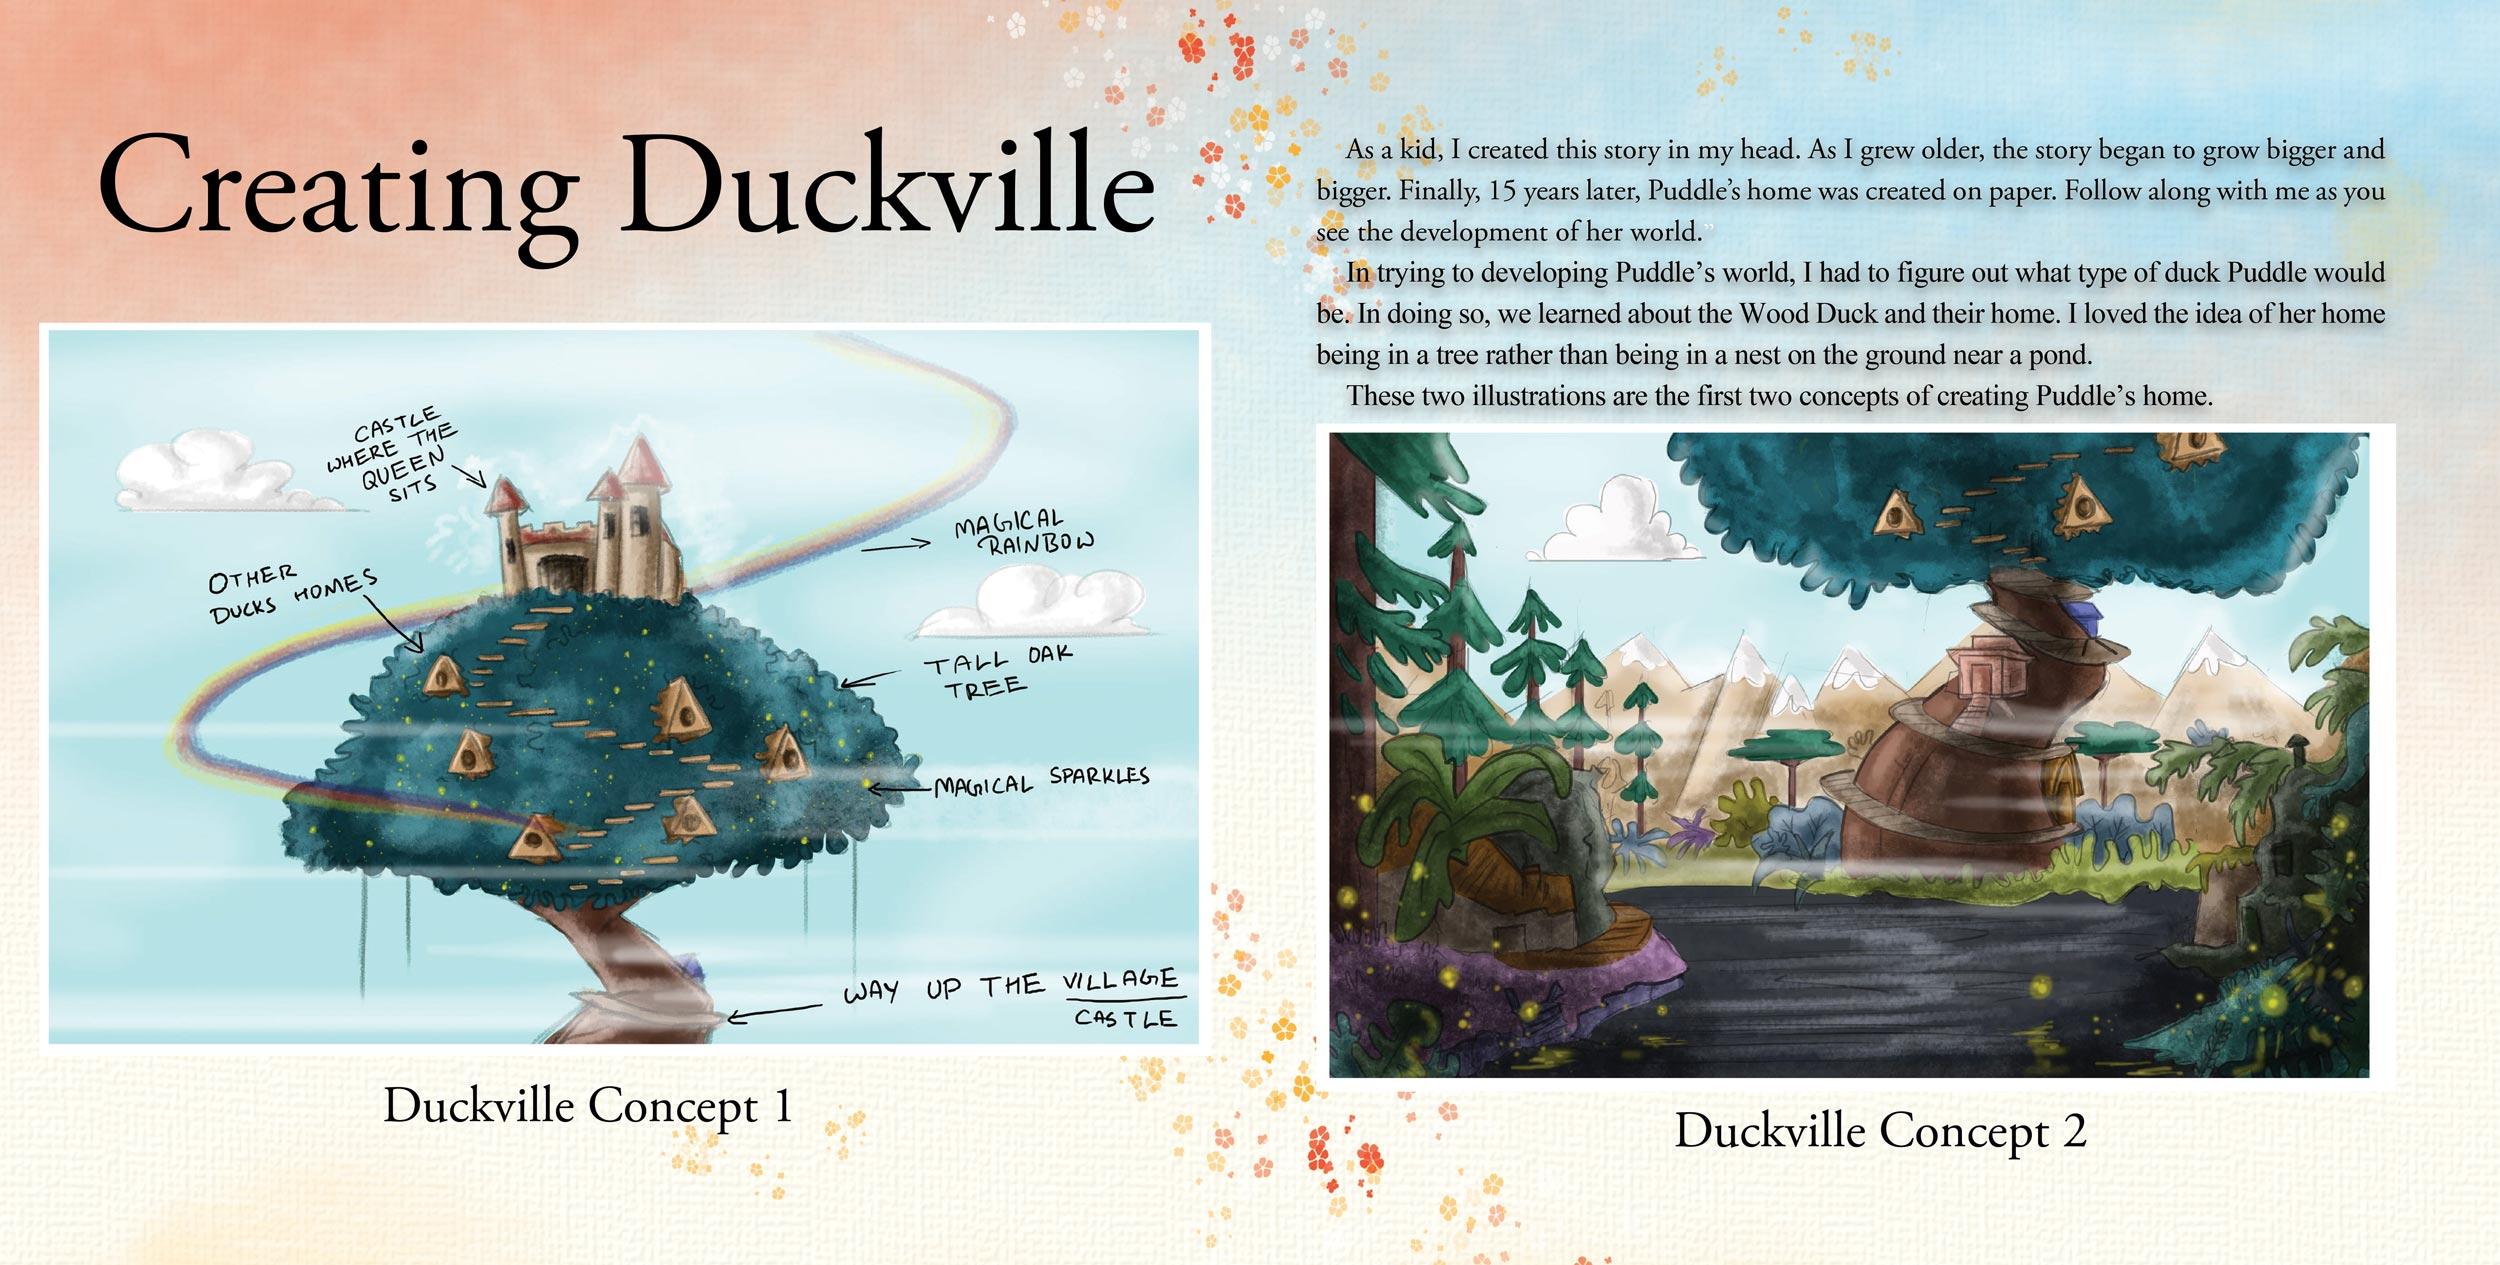 Creating-Duckville-Appendix-1-2.jpg